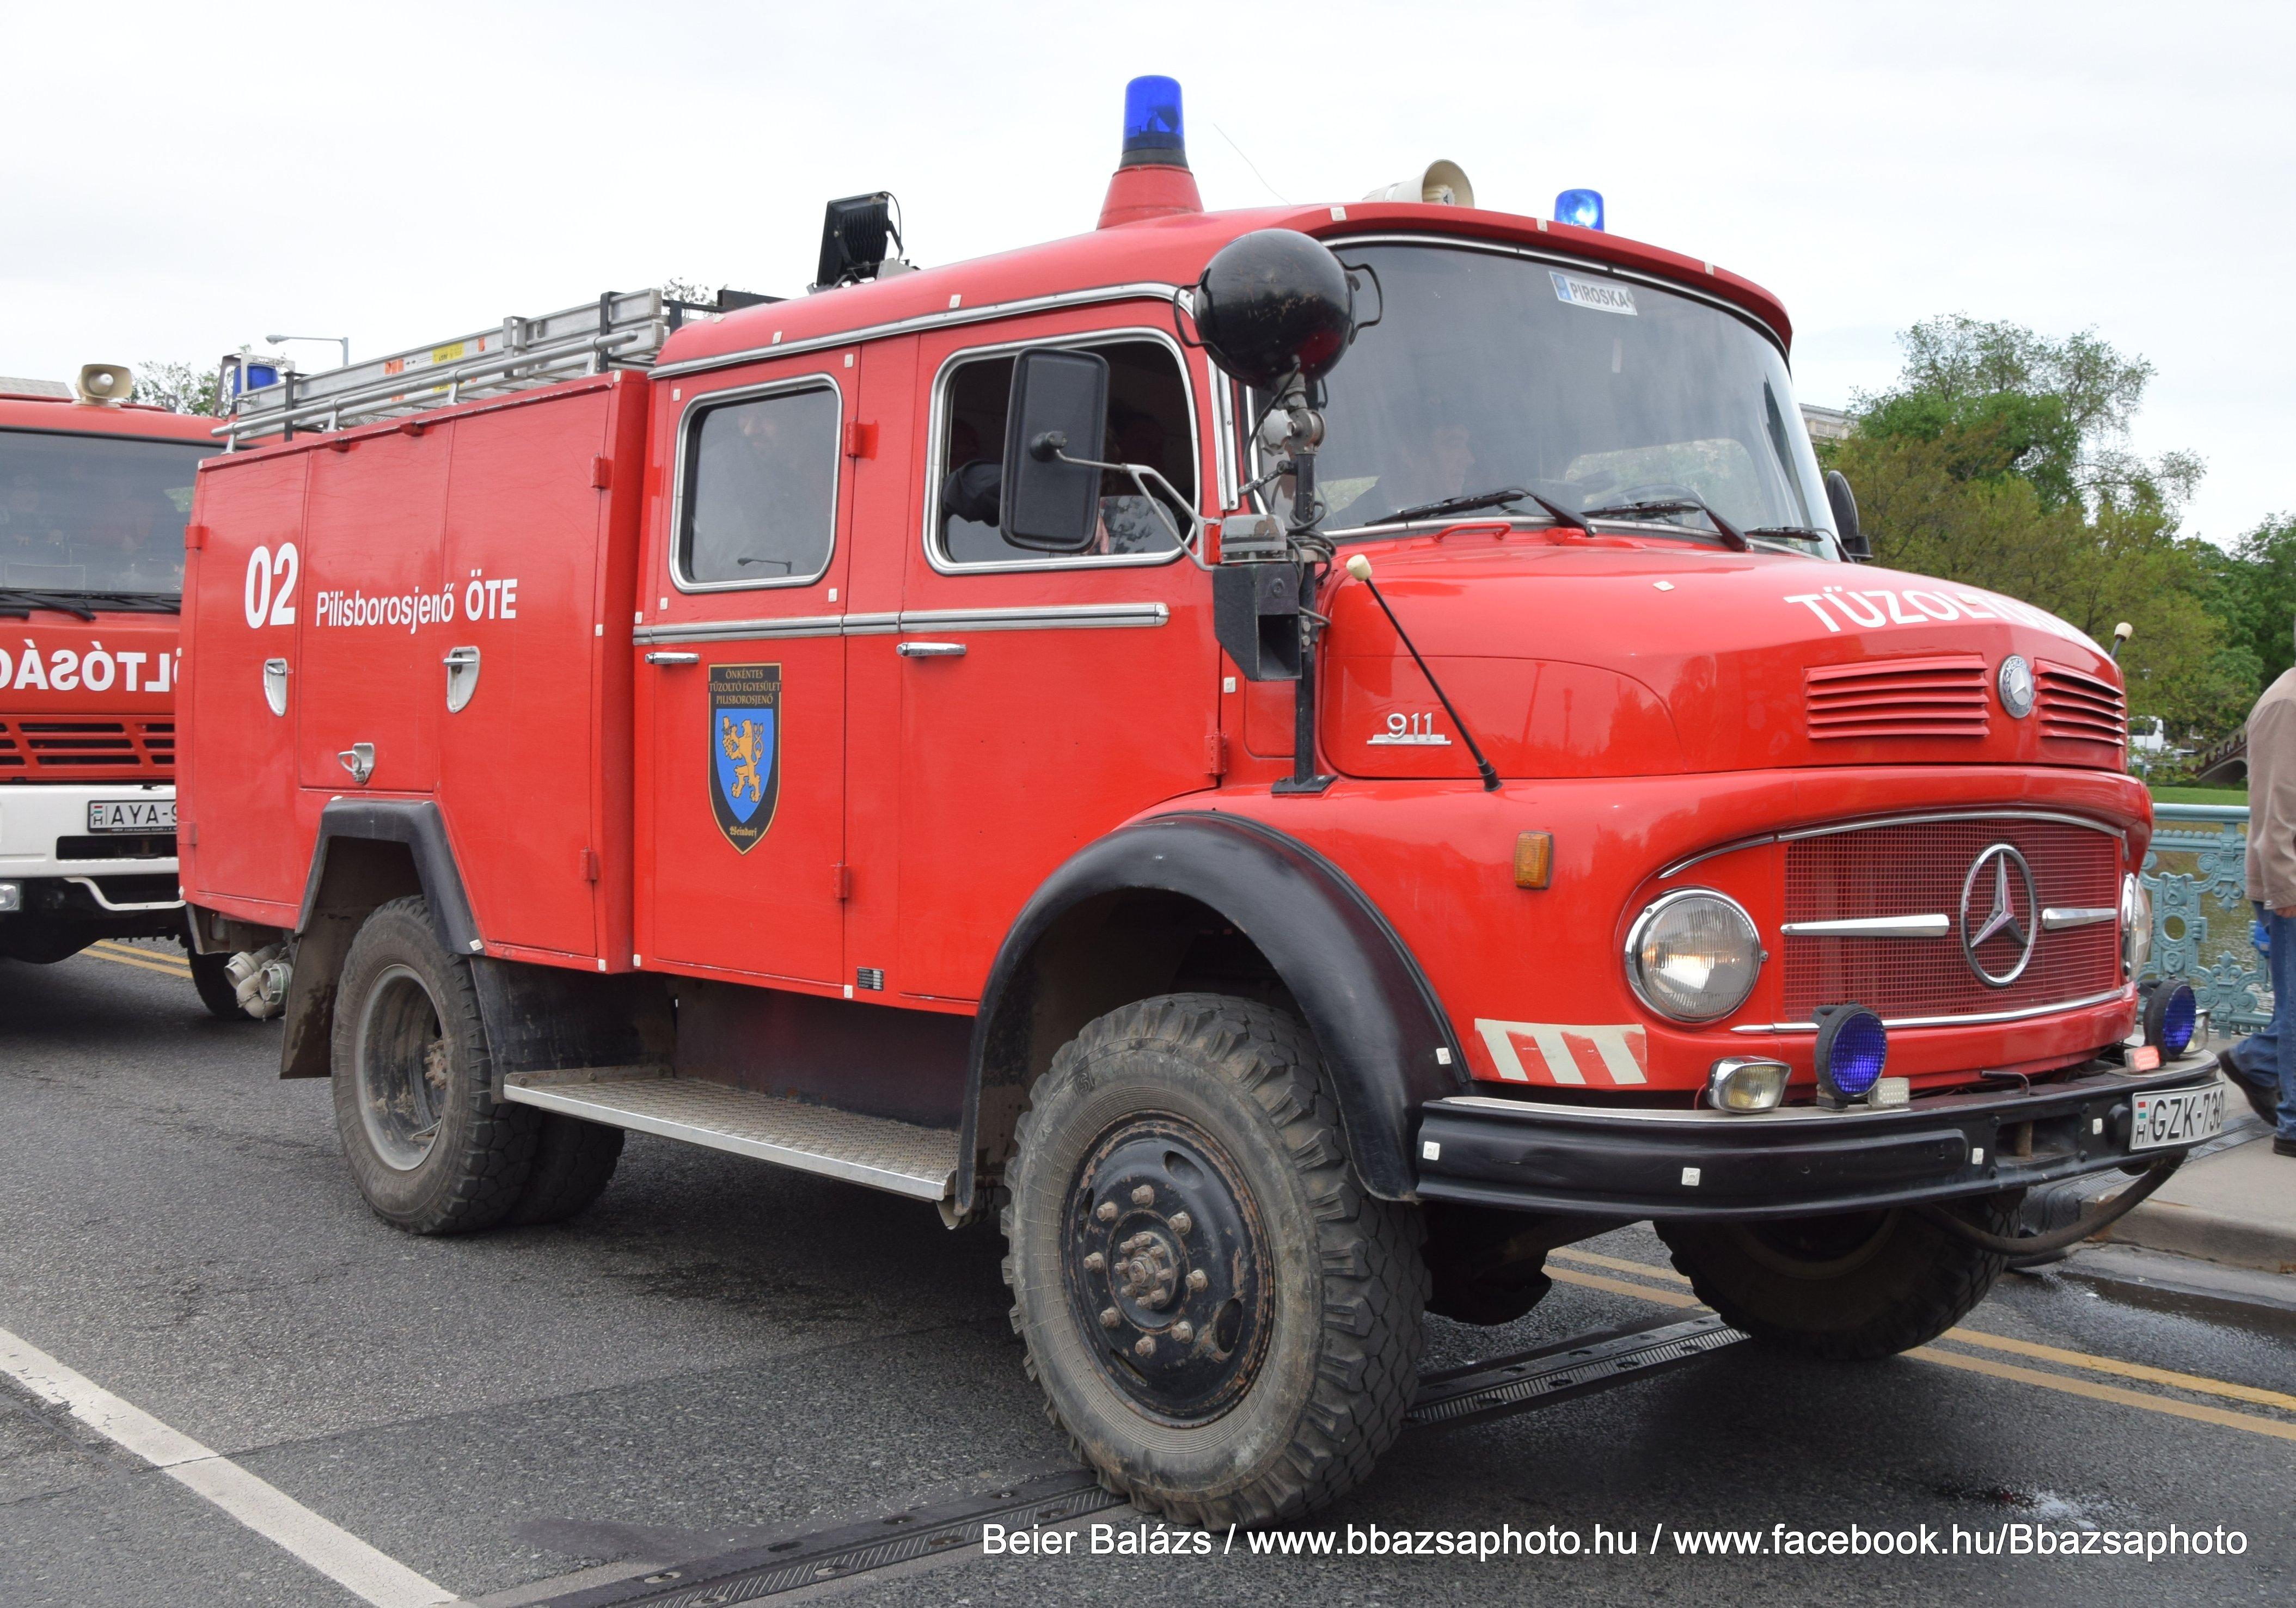 Mercedes 911 – Pilisborosjenő ÖTE 02